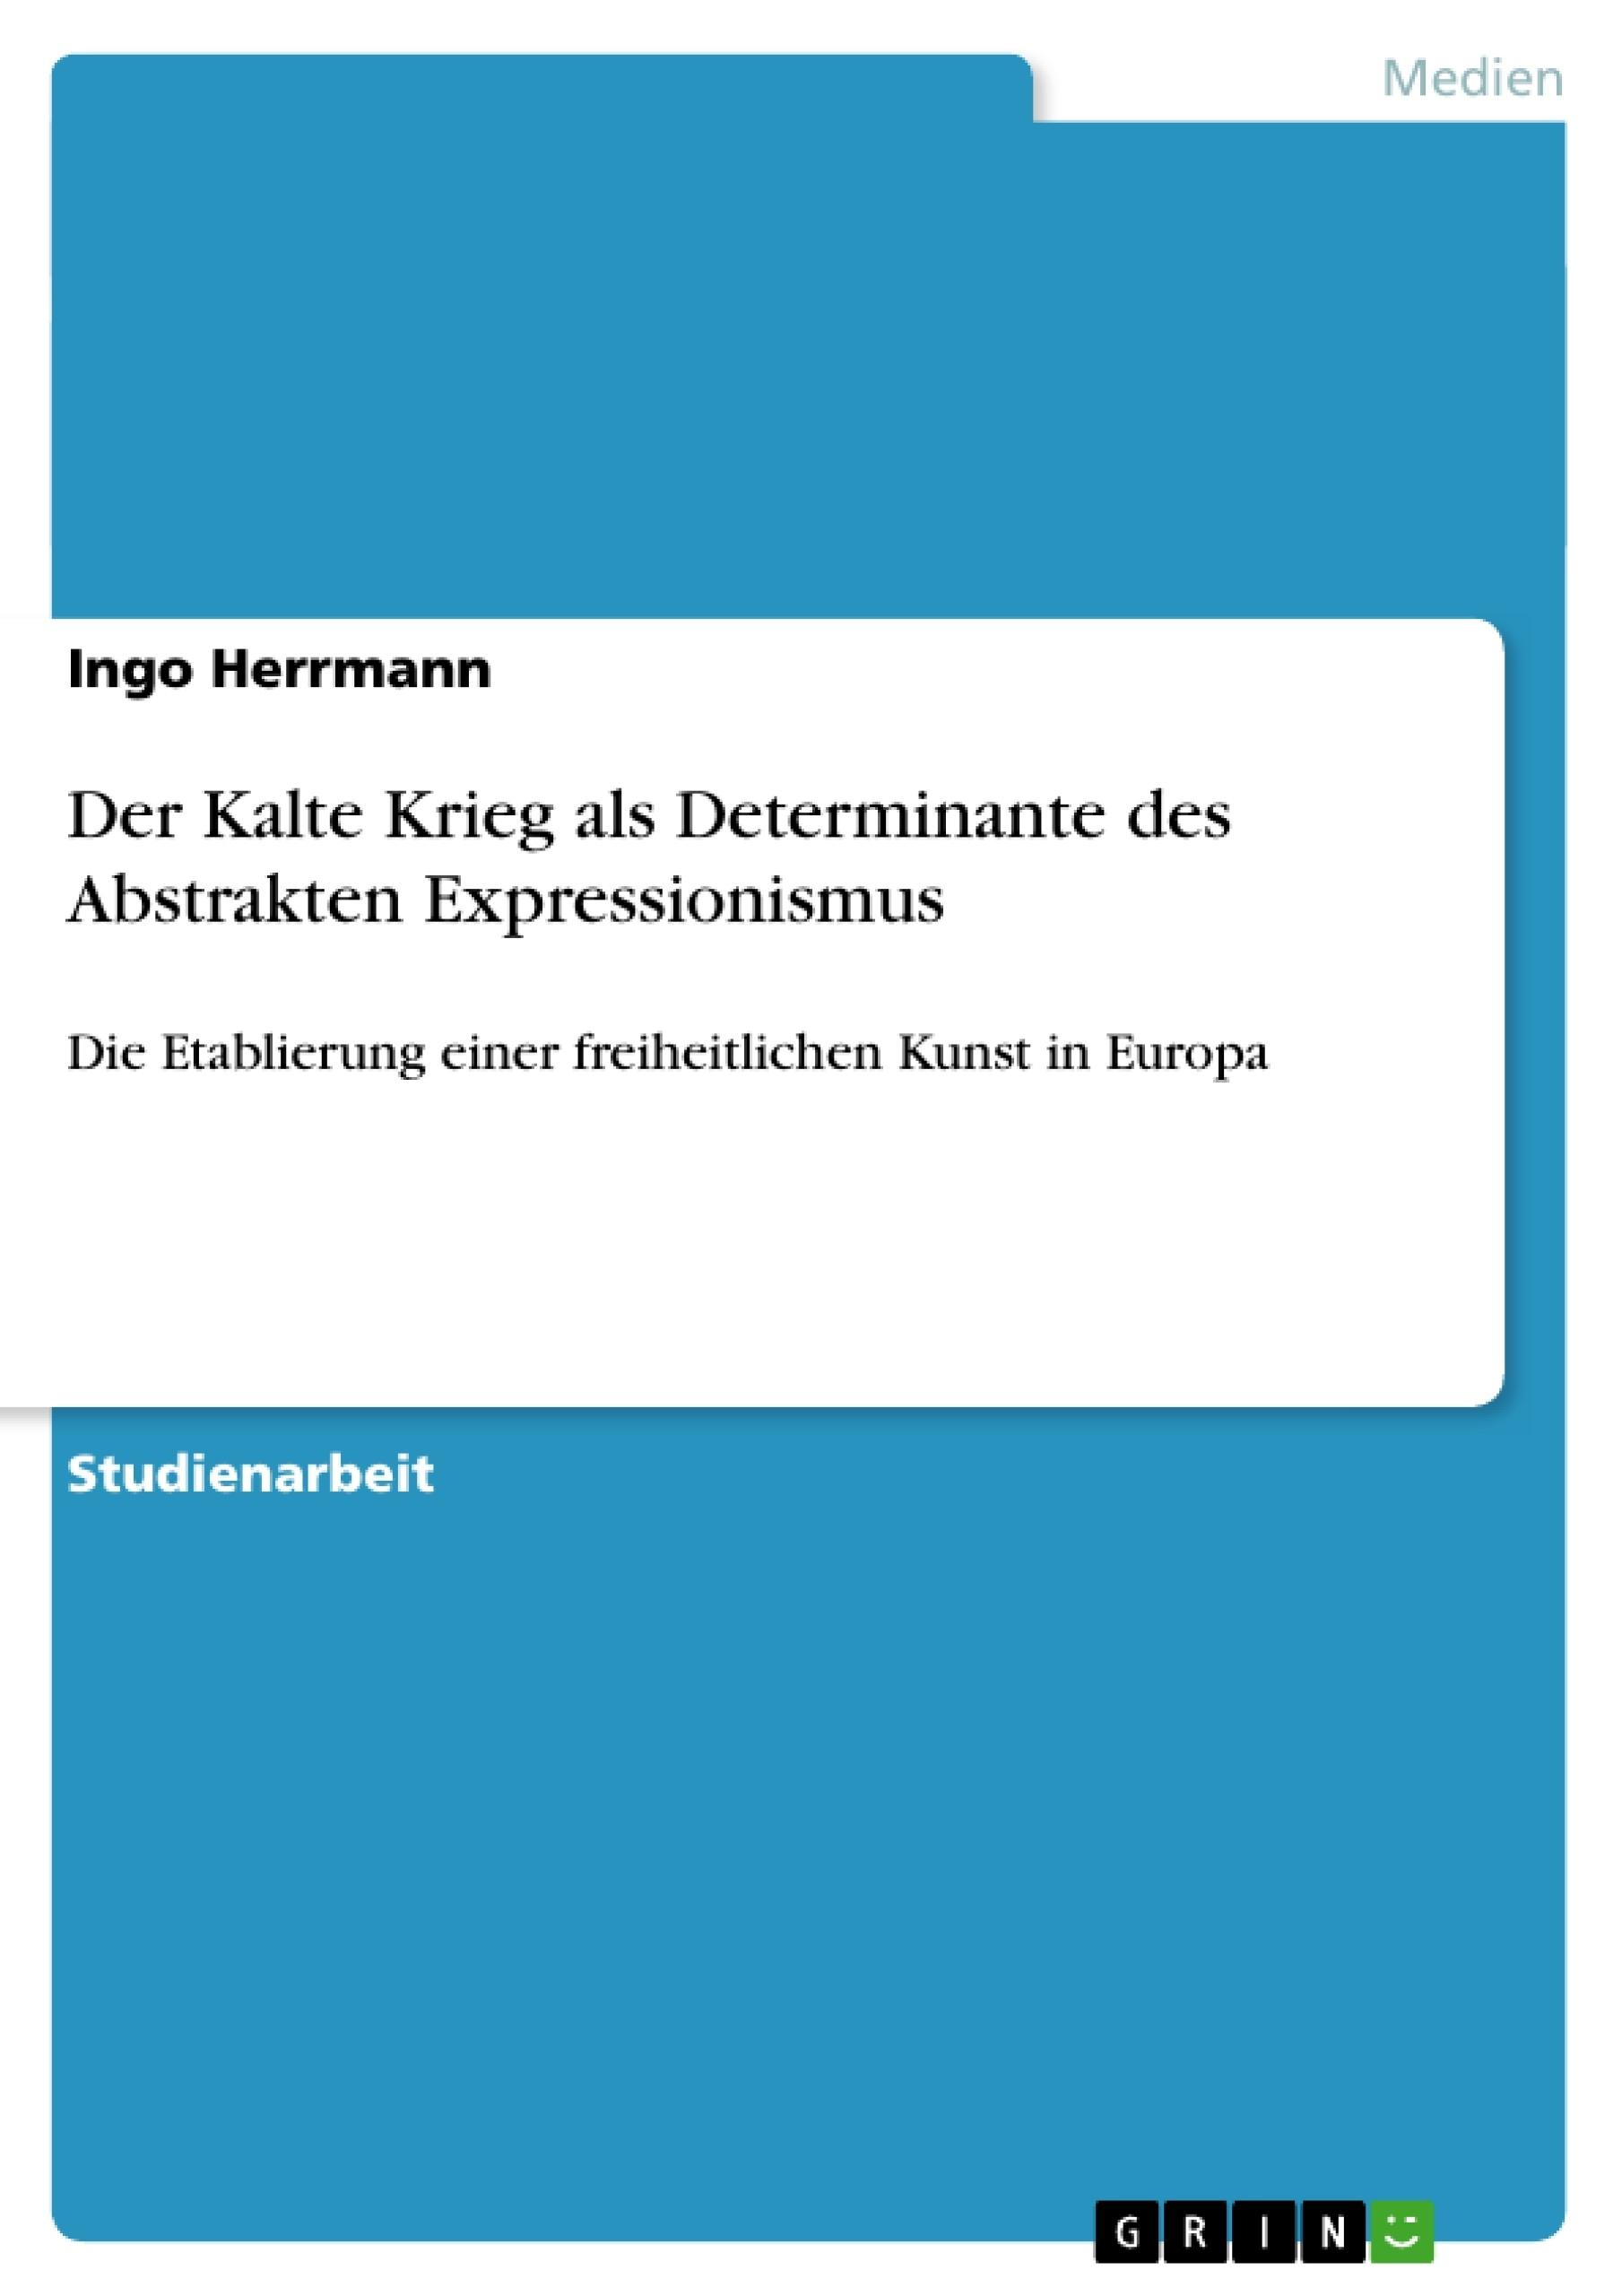 Titel: Der Kalte Krieg als Determinante des Abstrakten Expressionismus